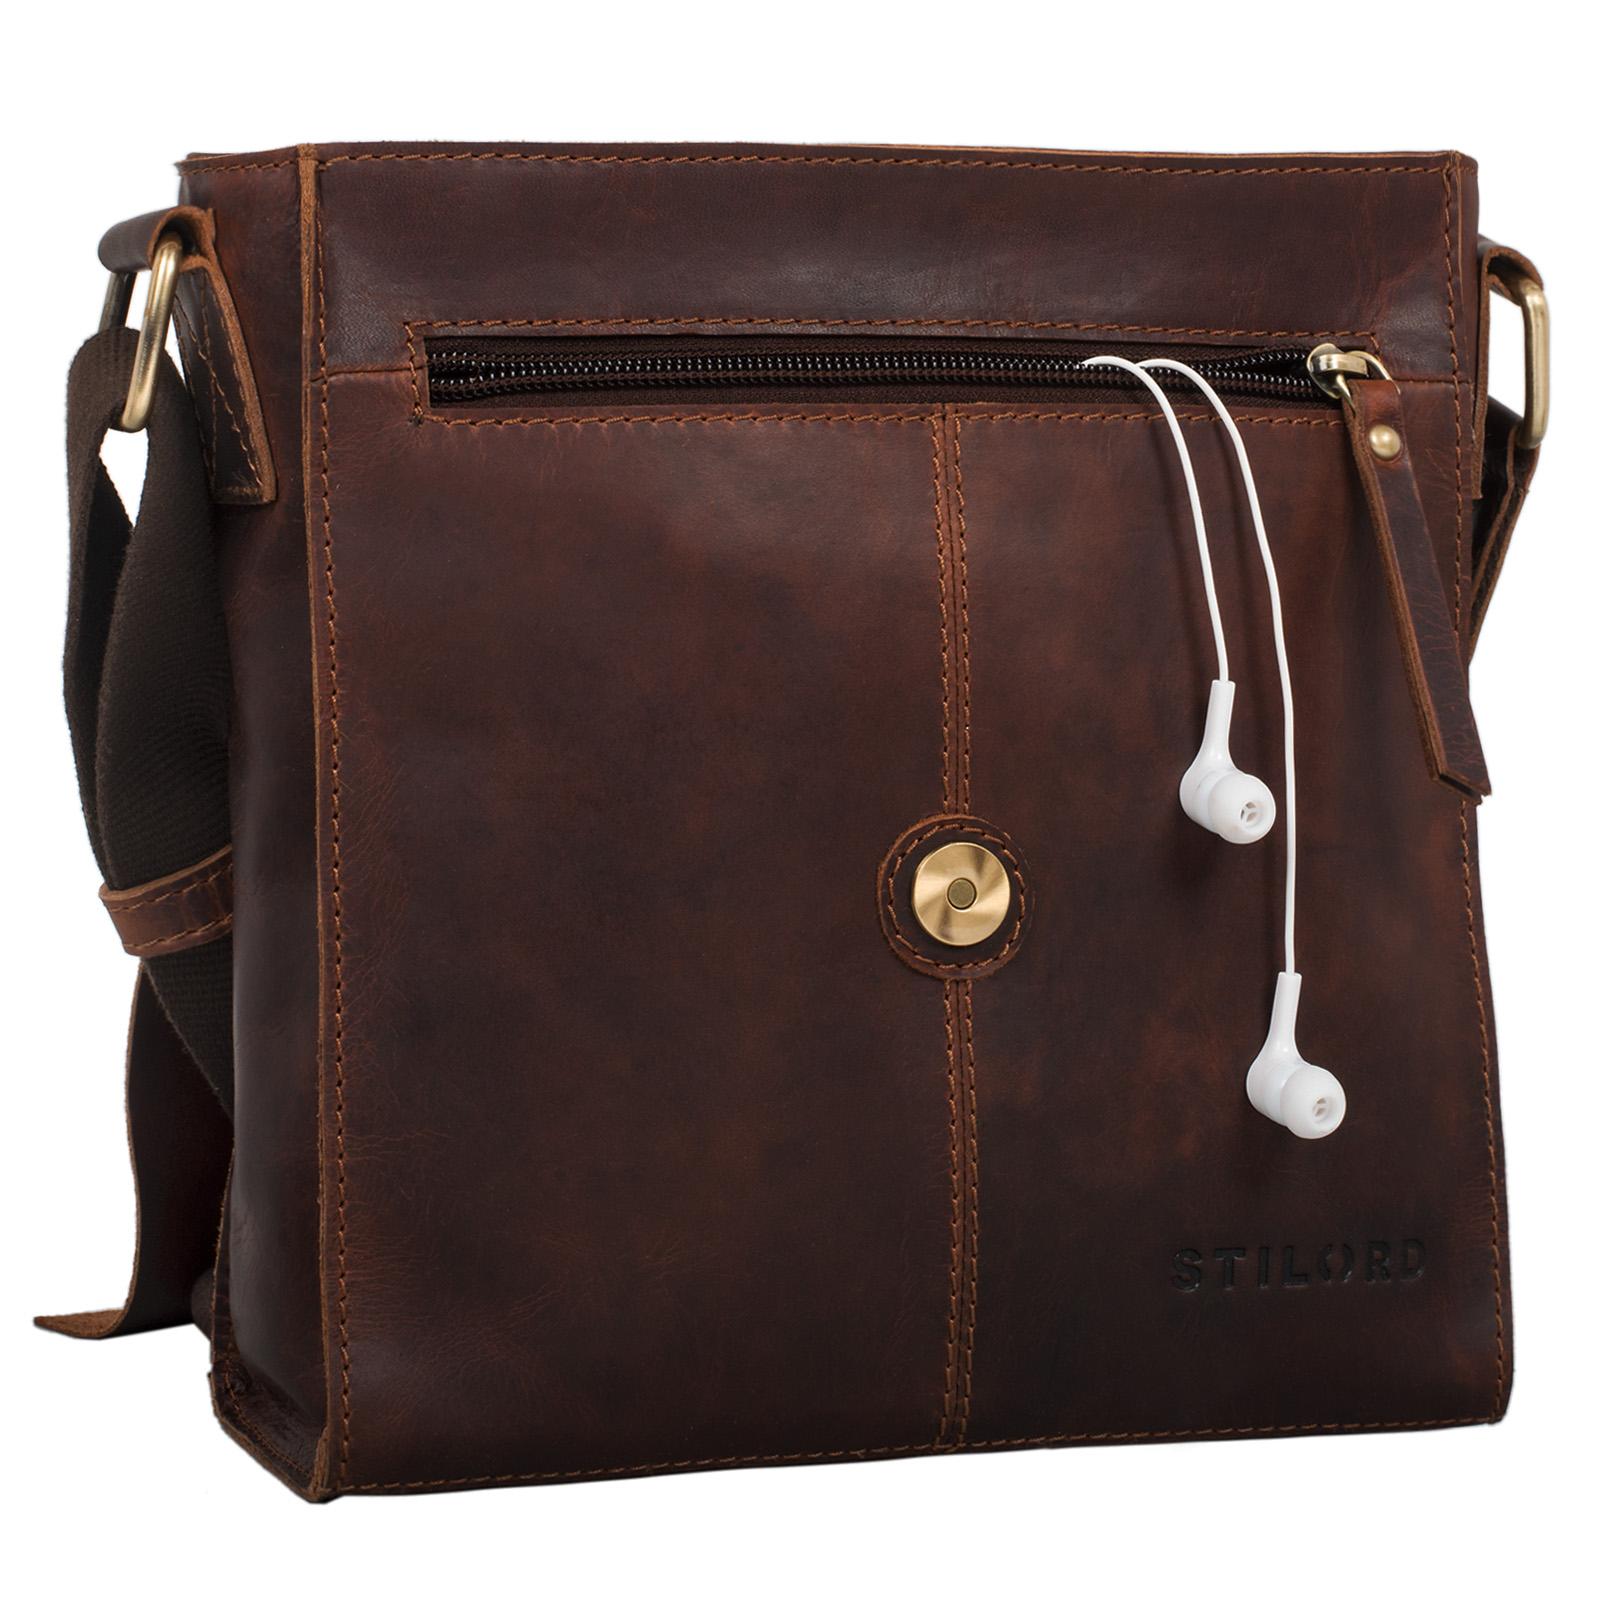 """STILORD """"Malte"""" Kleine Messenger Bag Leder Herren Vintage Schultertasche Umhängetasche für 9.7 Zoll Tablet iPad Handtasche A5 echtes Rindsleder - Bild 5"""